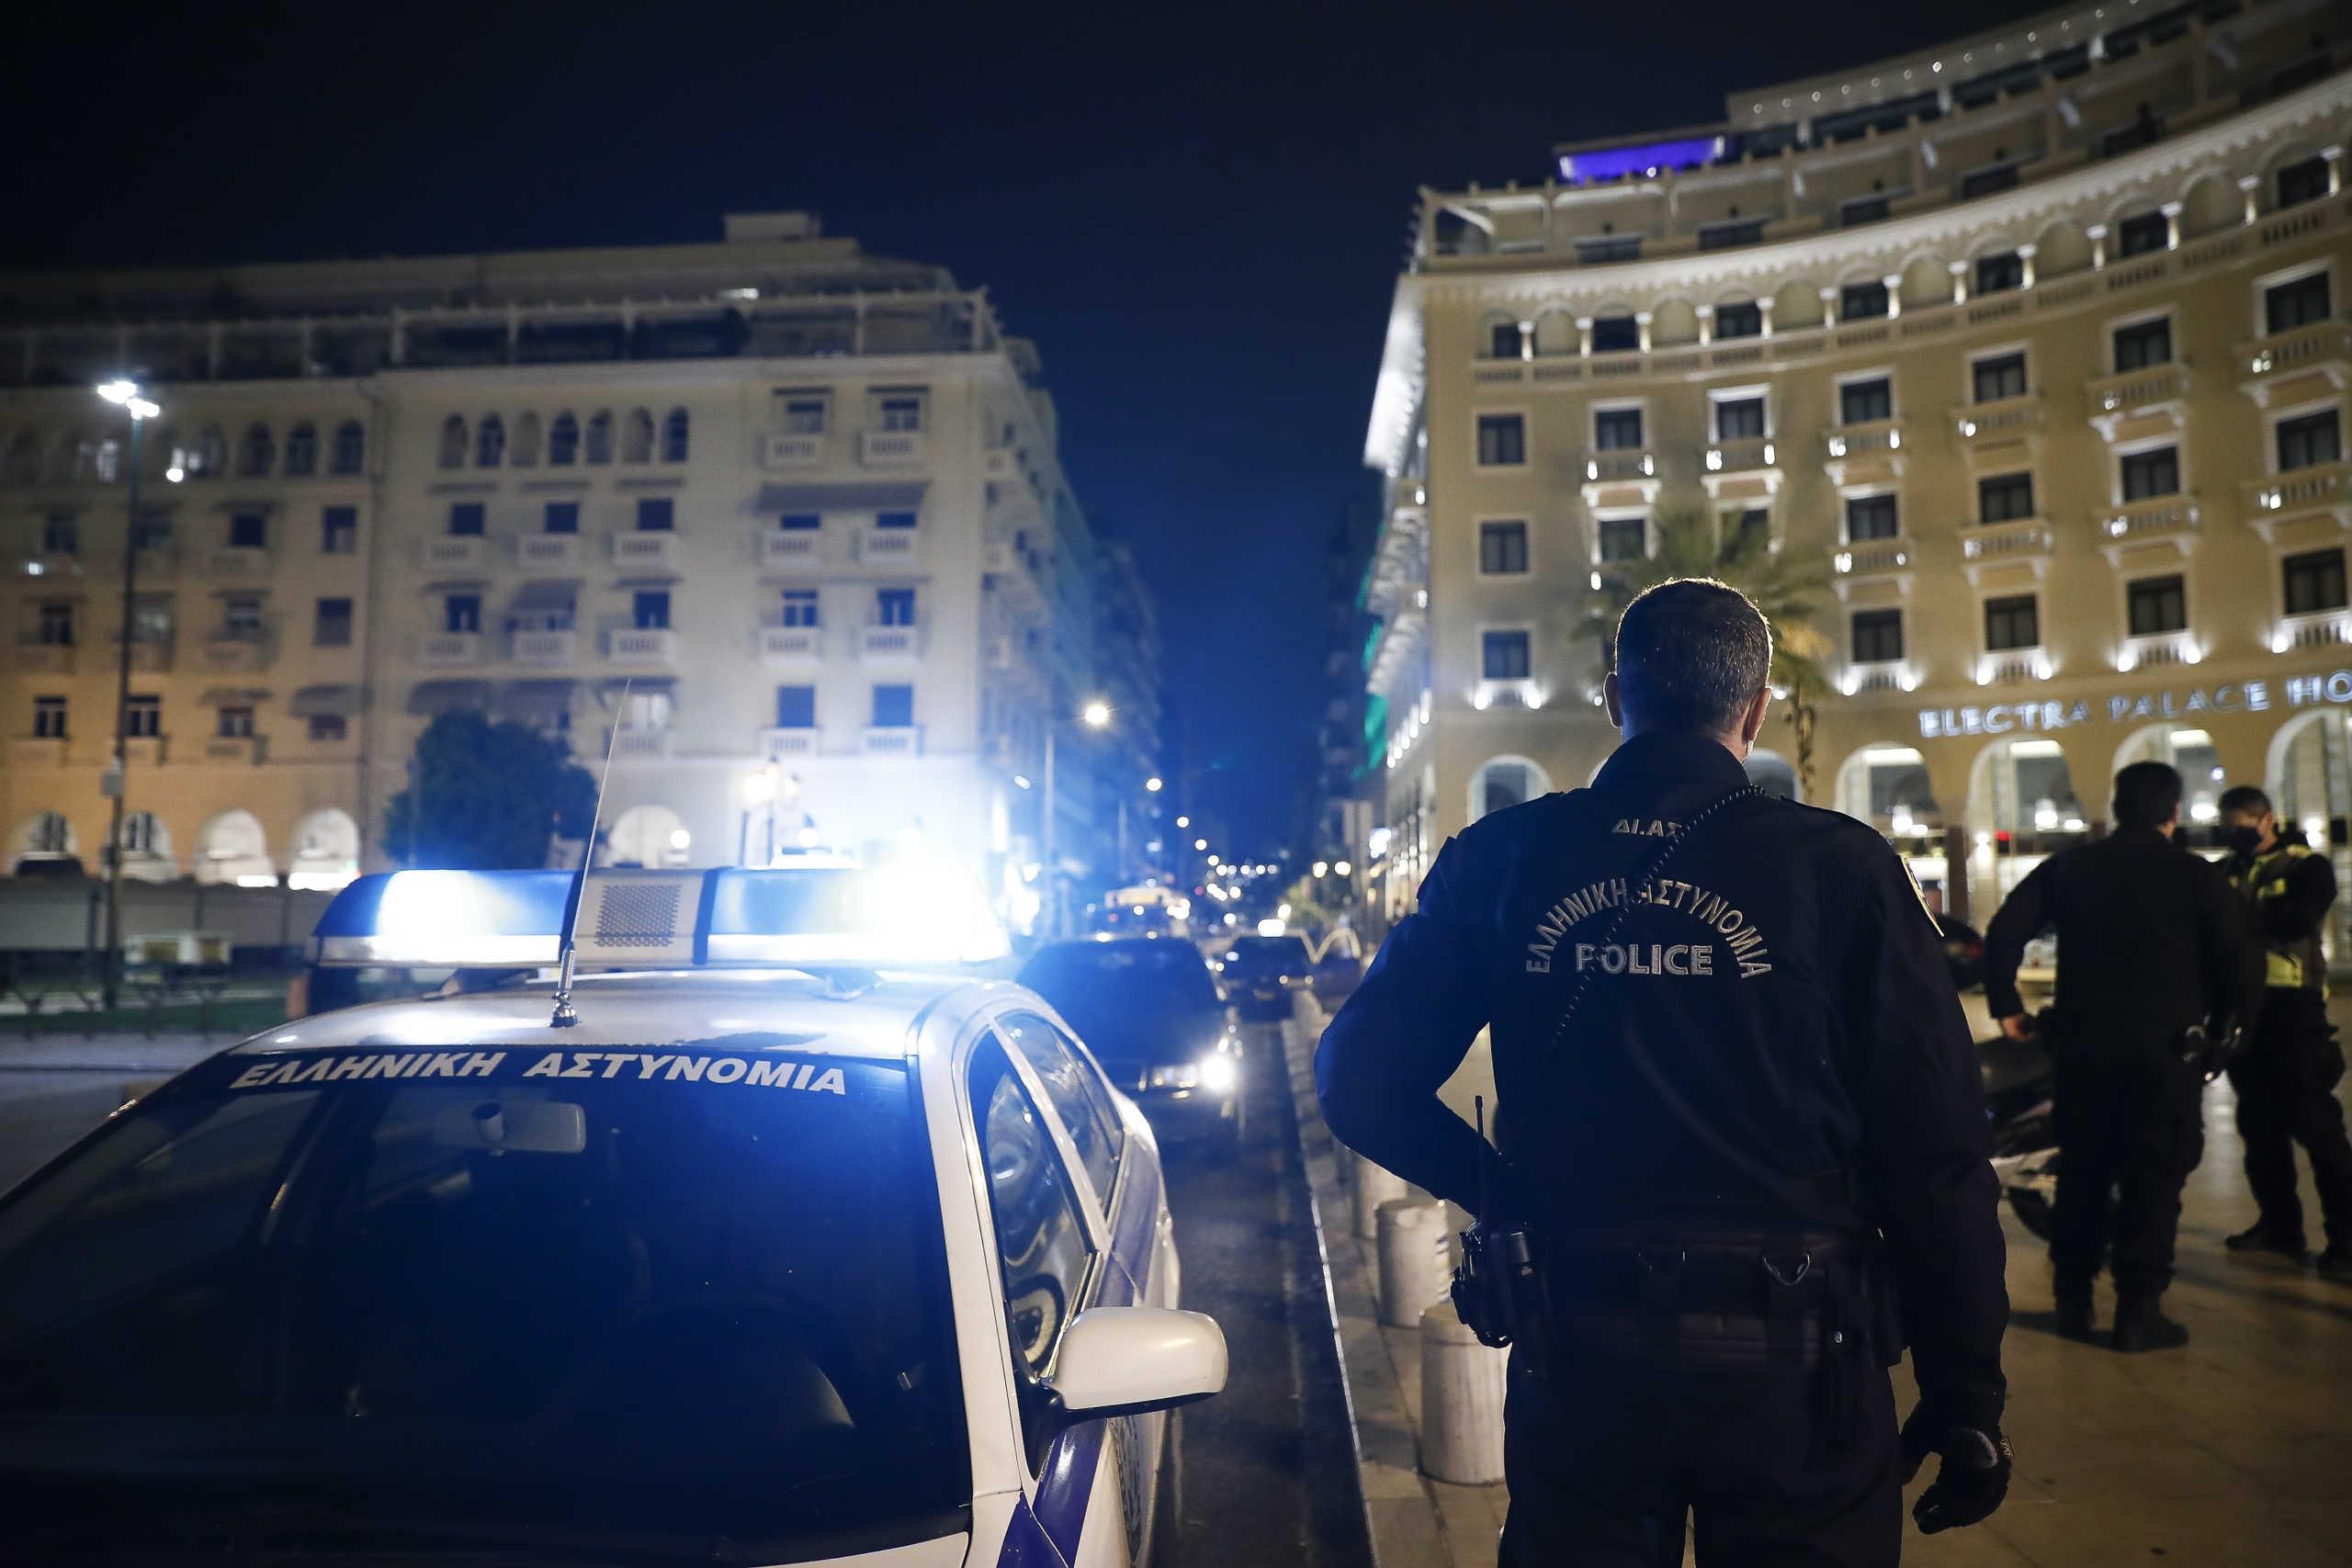 Lockdown: Ασταμάτητοι έλεγχοι στη Θεσσαλονίκη και νυχτερινές περιπολίες (pics)